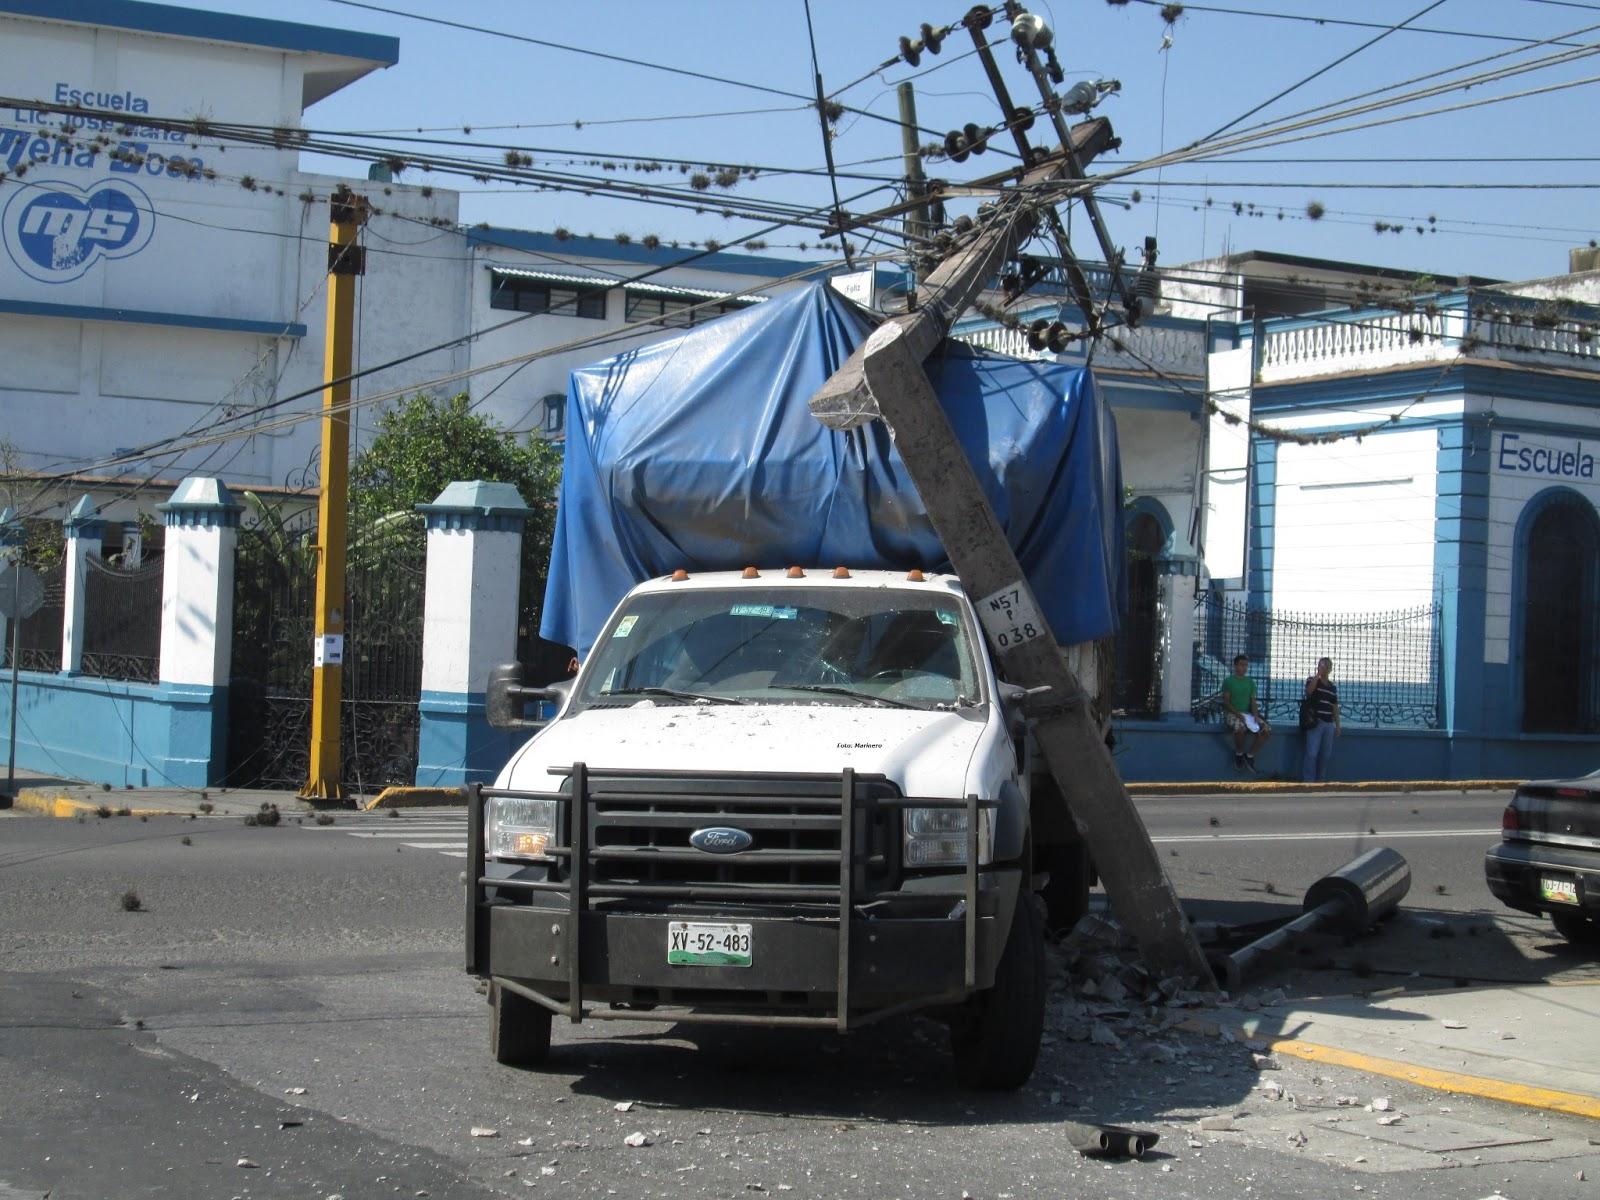 Todo se debi cuando un autob s de la l nea autobuses de oriente n mero econ mico 421 circulaba sobre la avenida 11 y se emparejo con la camioneta blanca